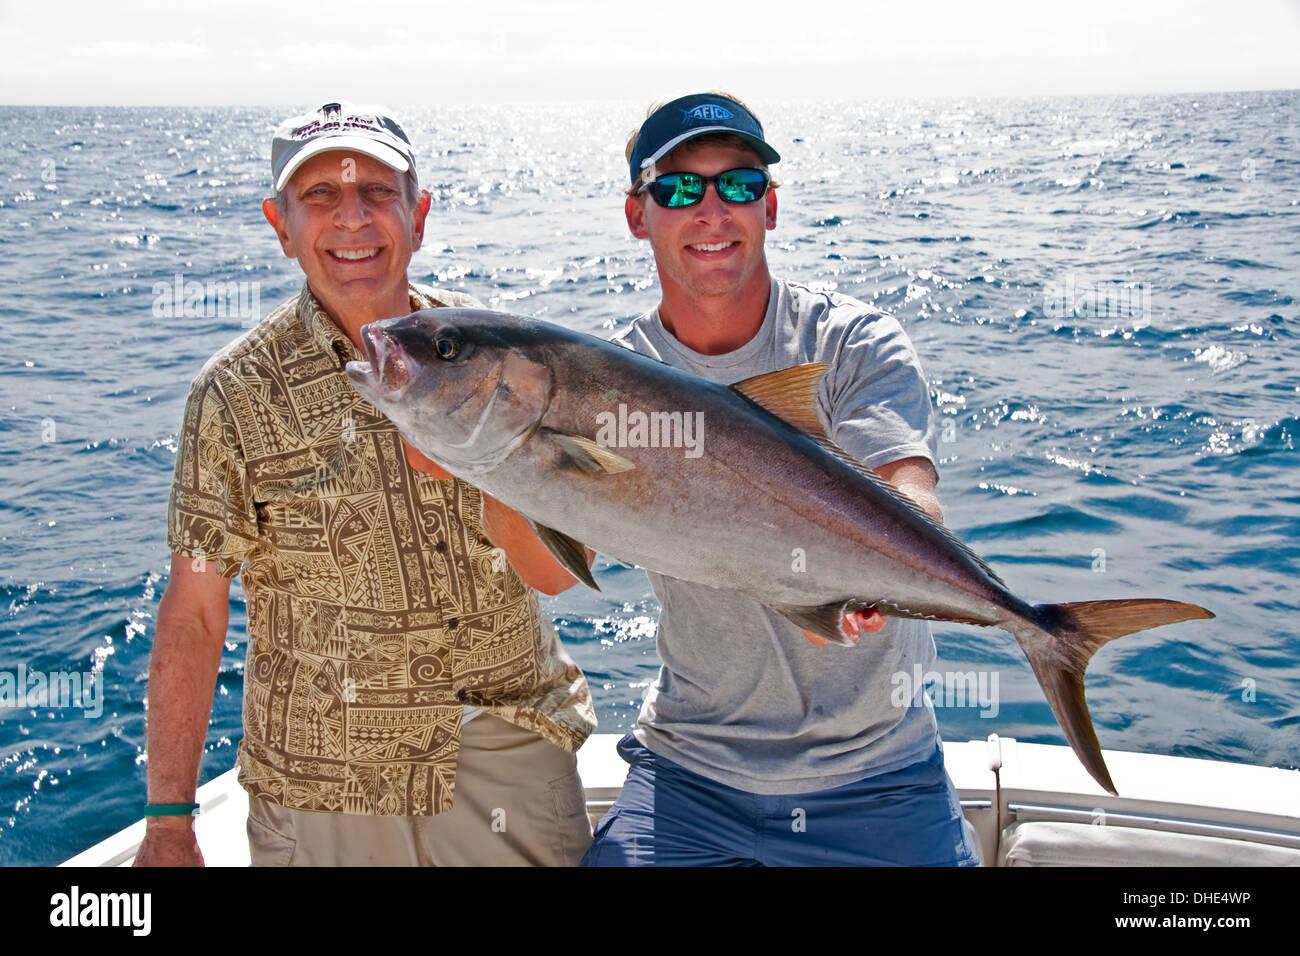 Alabama Gulf Coast charter fishing. - Stock Image